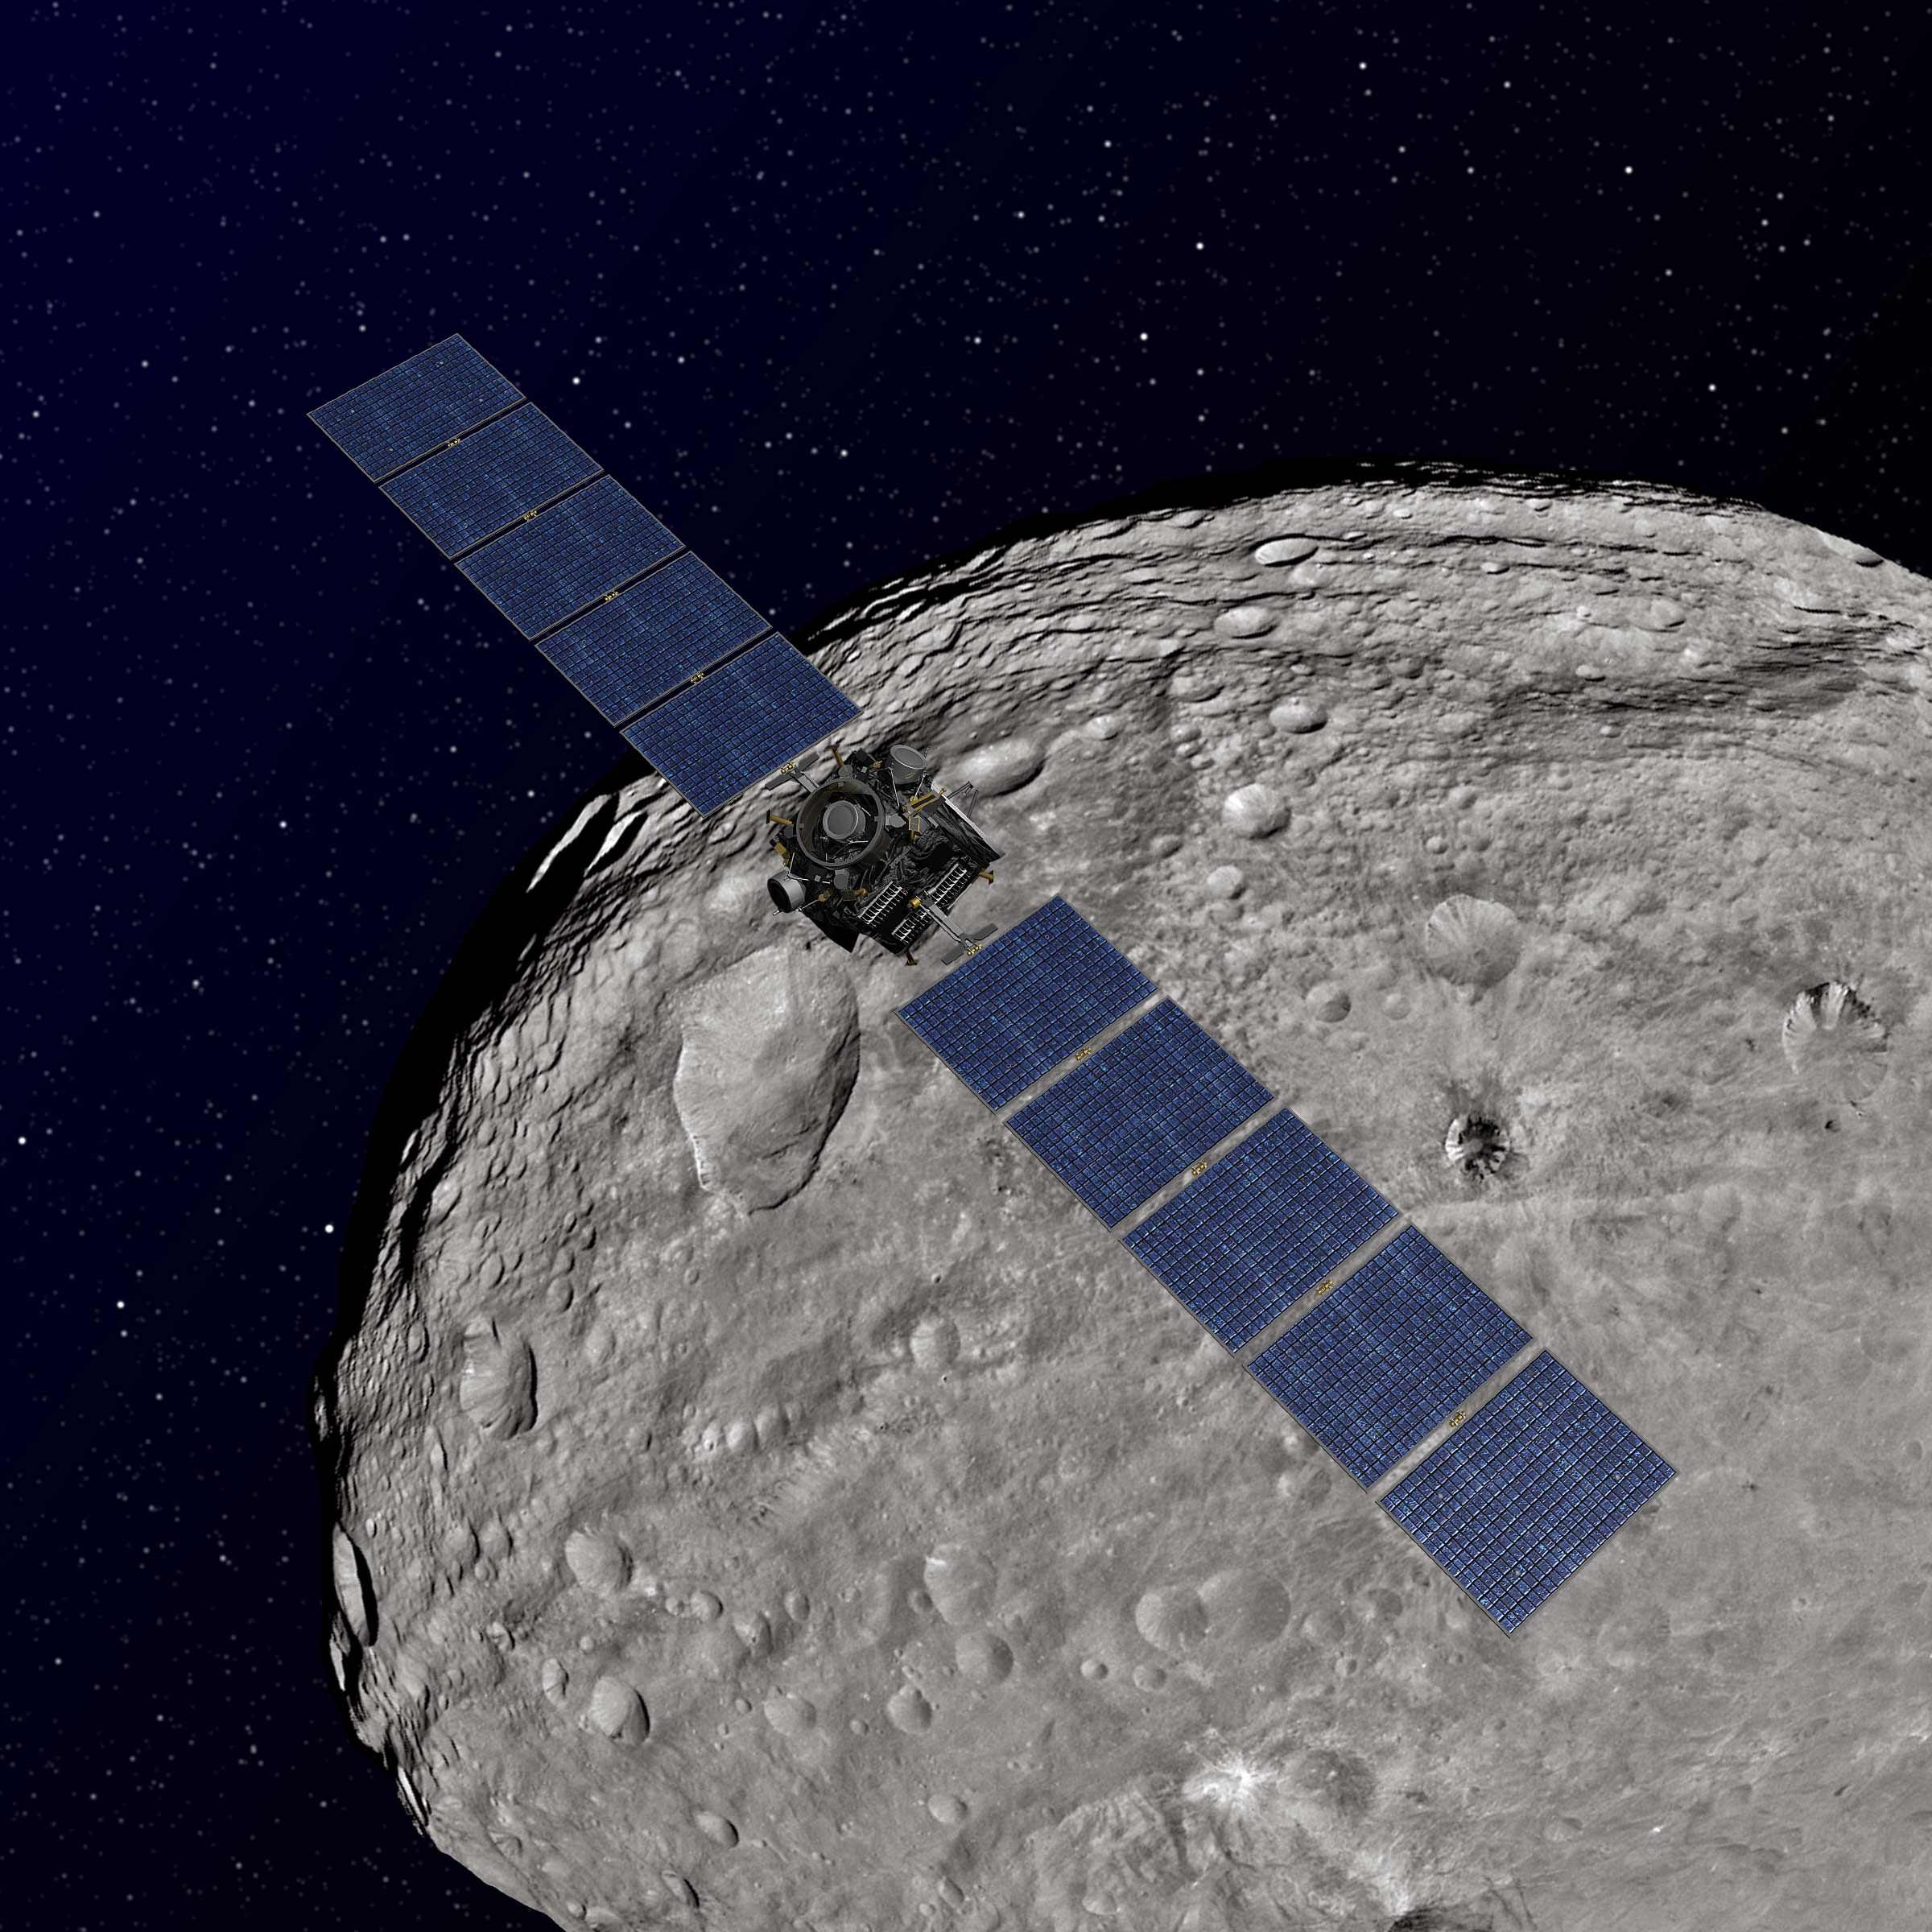 Artist rendition of Dawn spacecraft orbiting Vesta. Credit: NASA/JPL-Caltech